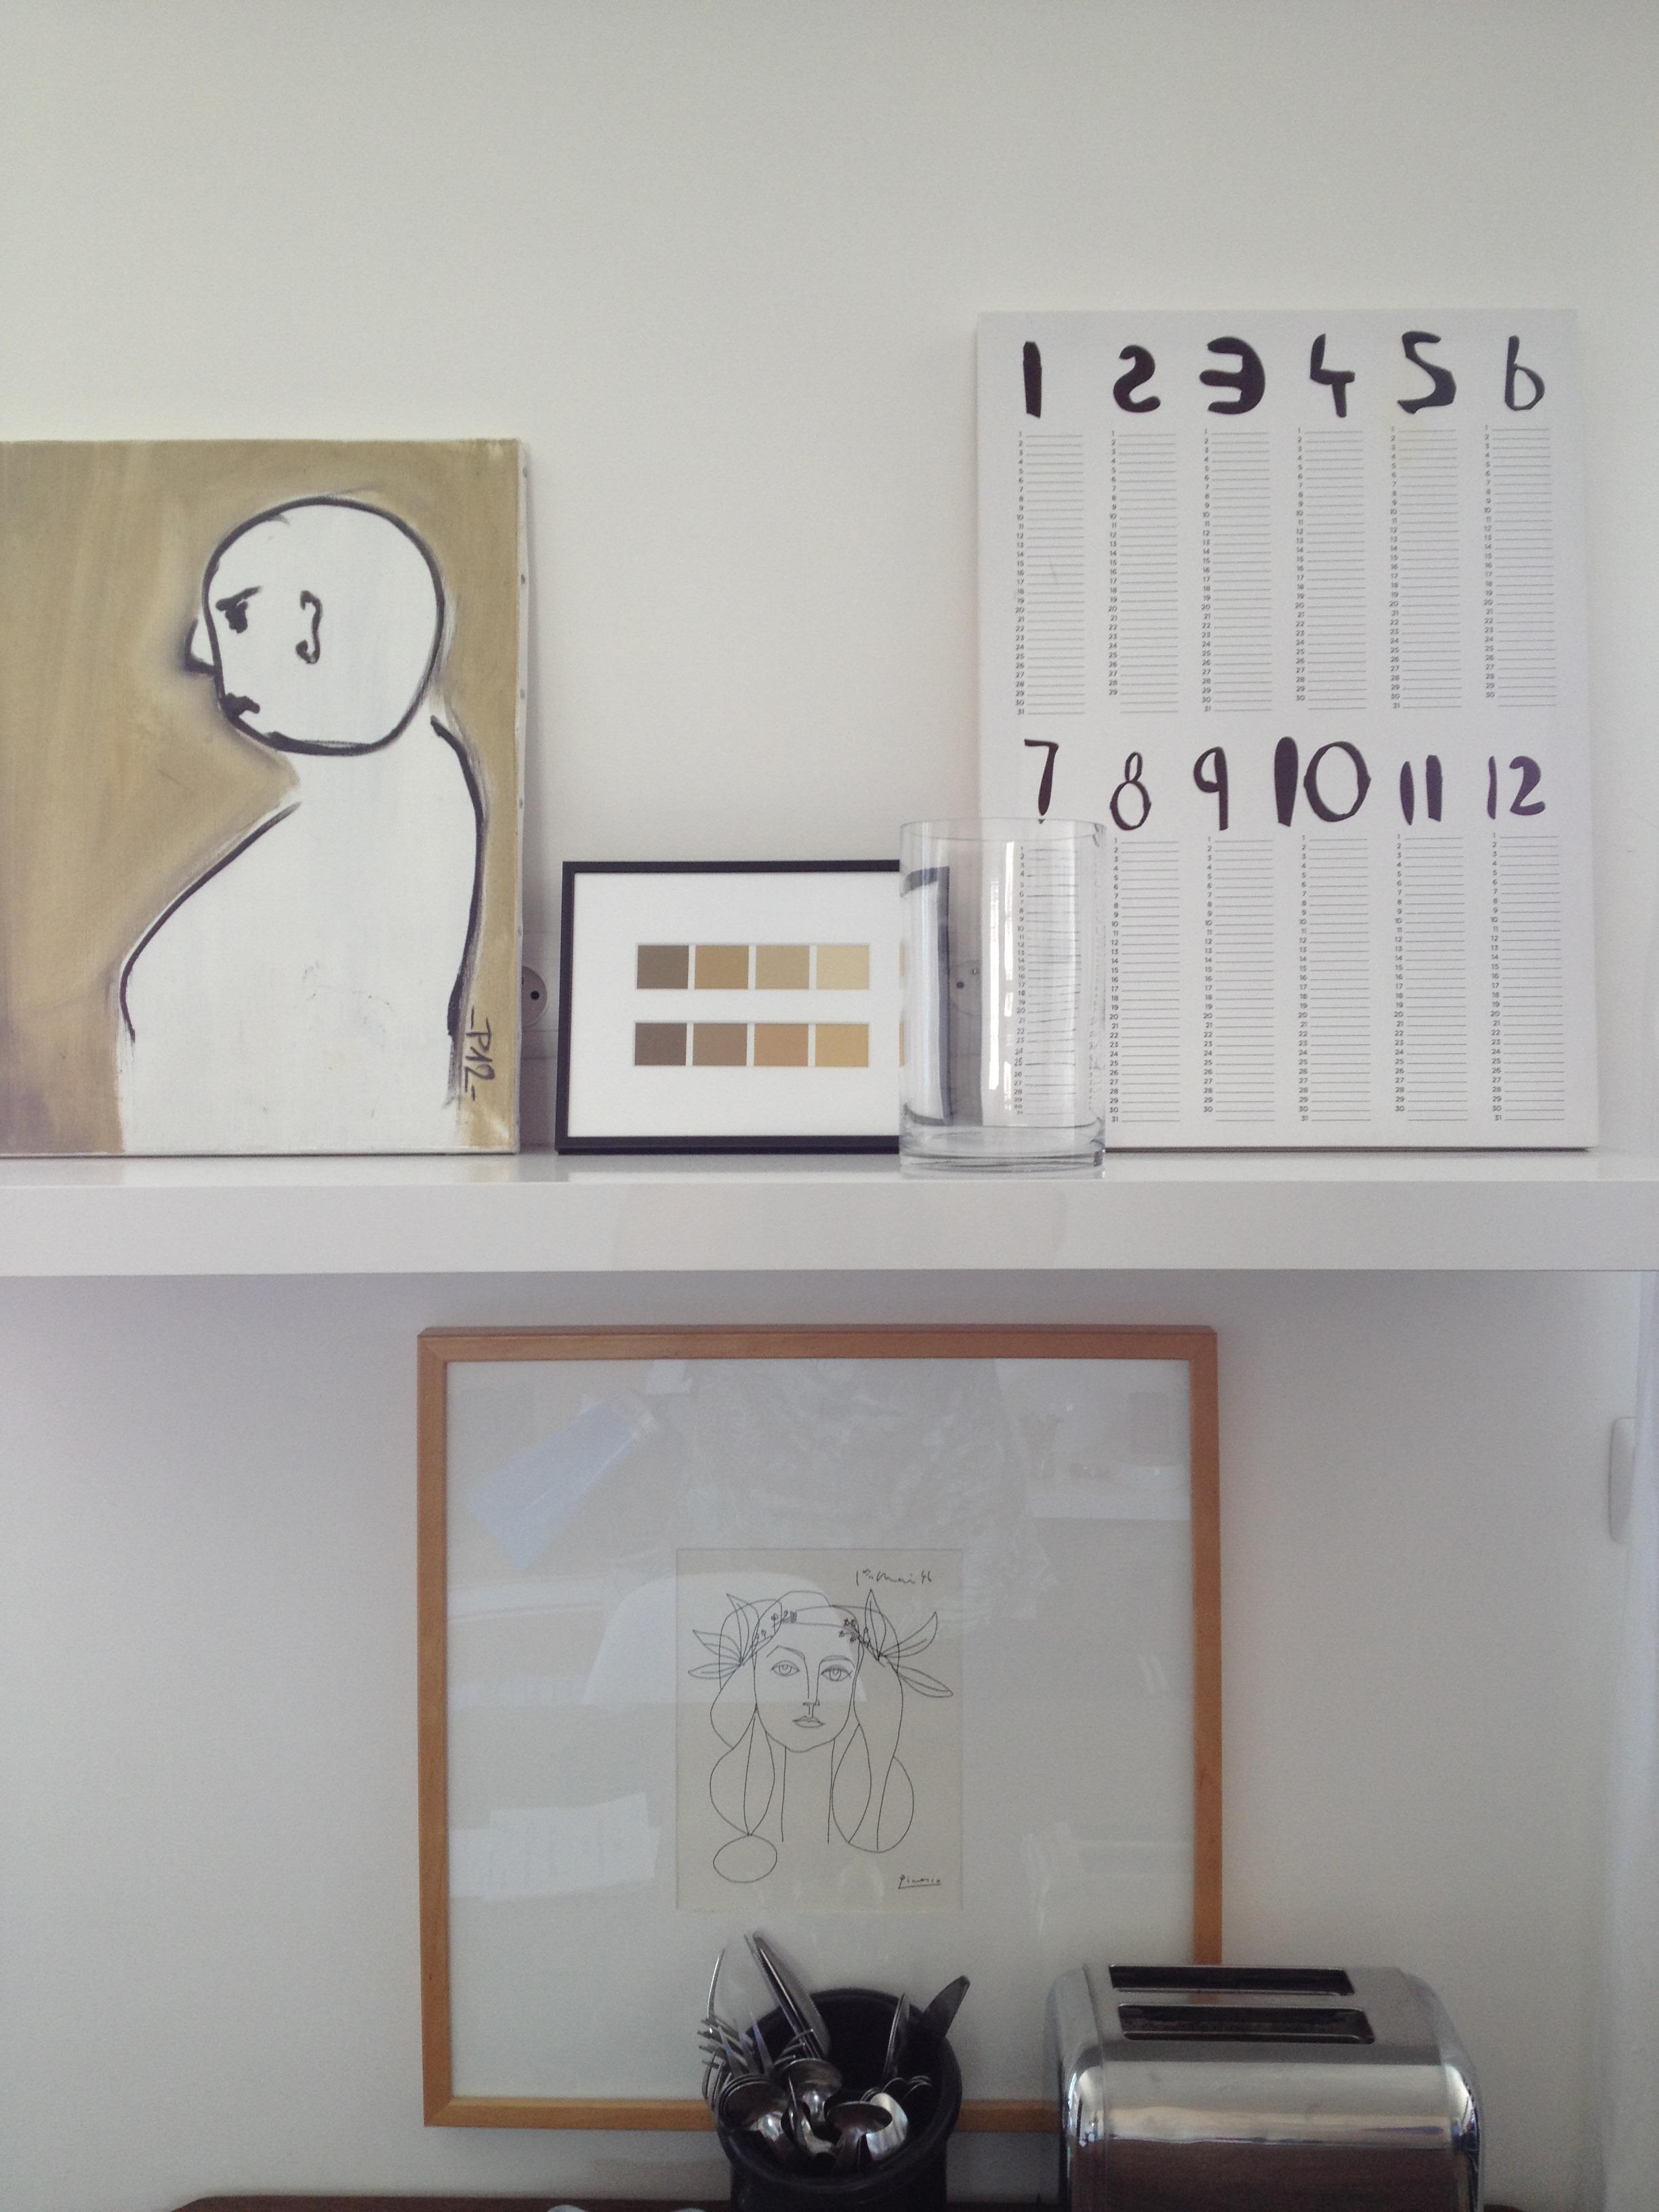 waschmaschine demontieren inspirierendes design f r wohnm bel. Black Bedroom Furniture Sets. Home Design Ideas